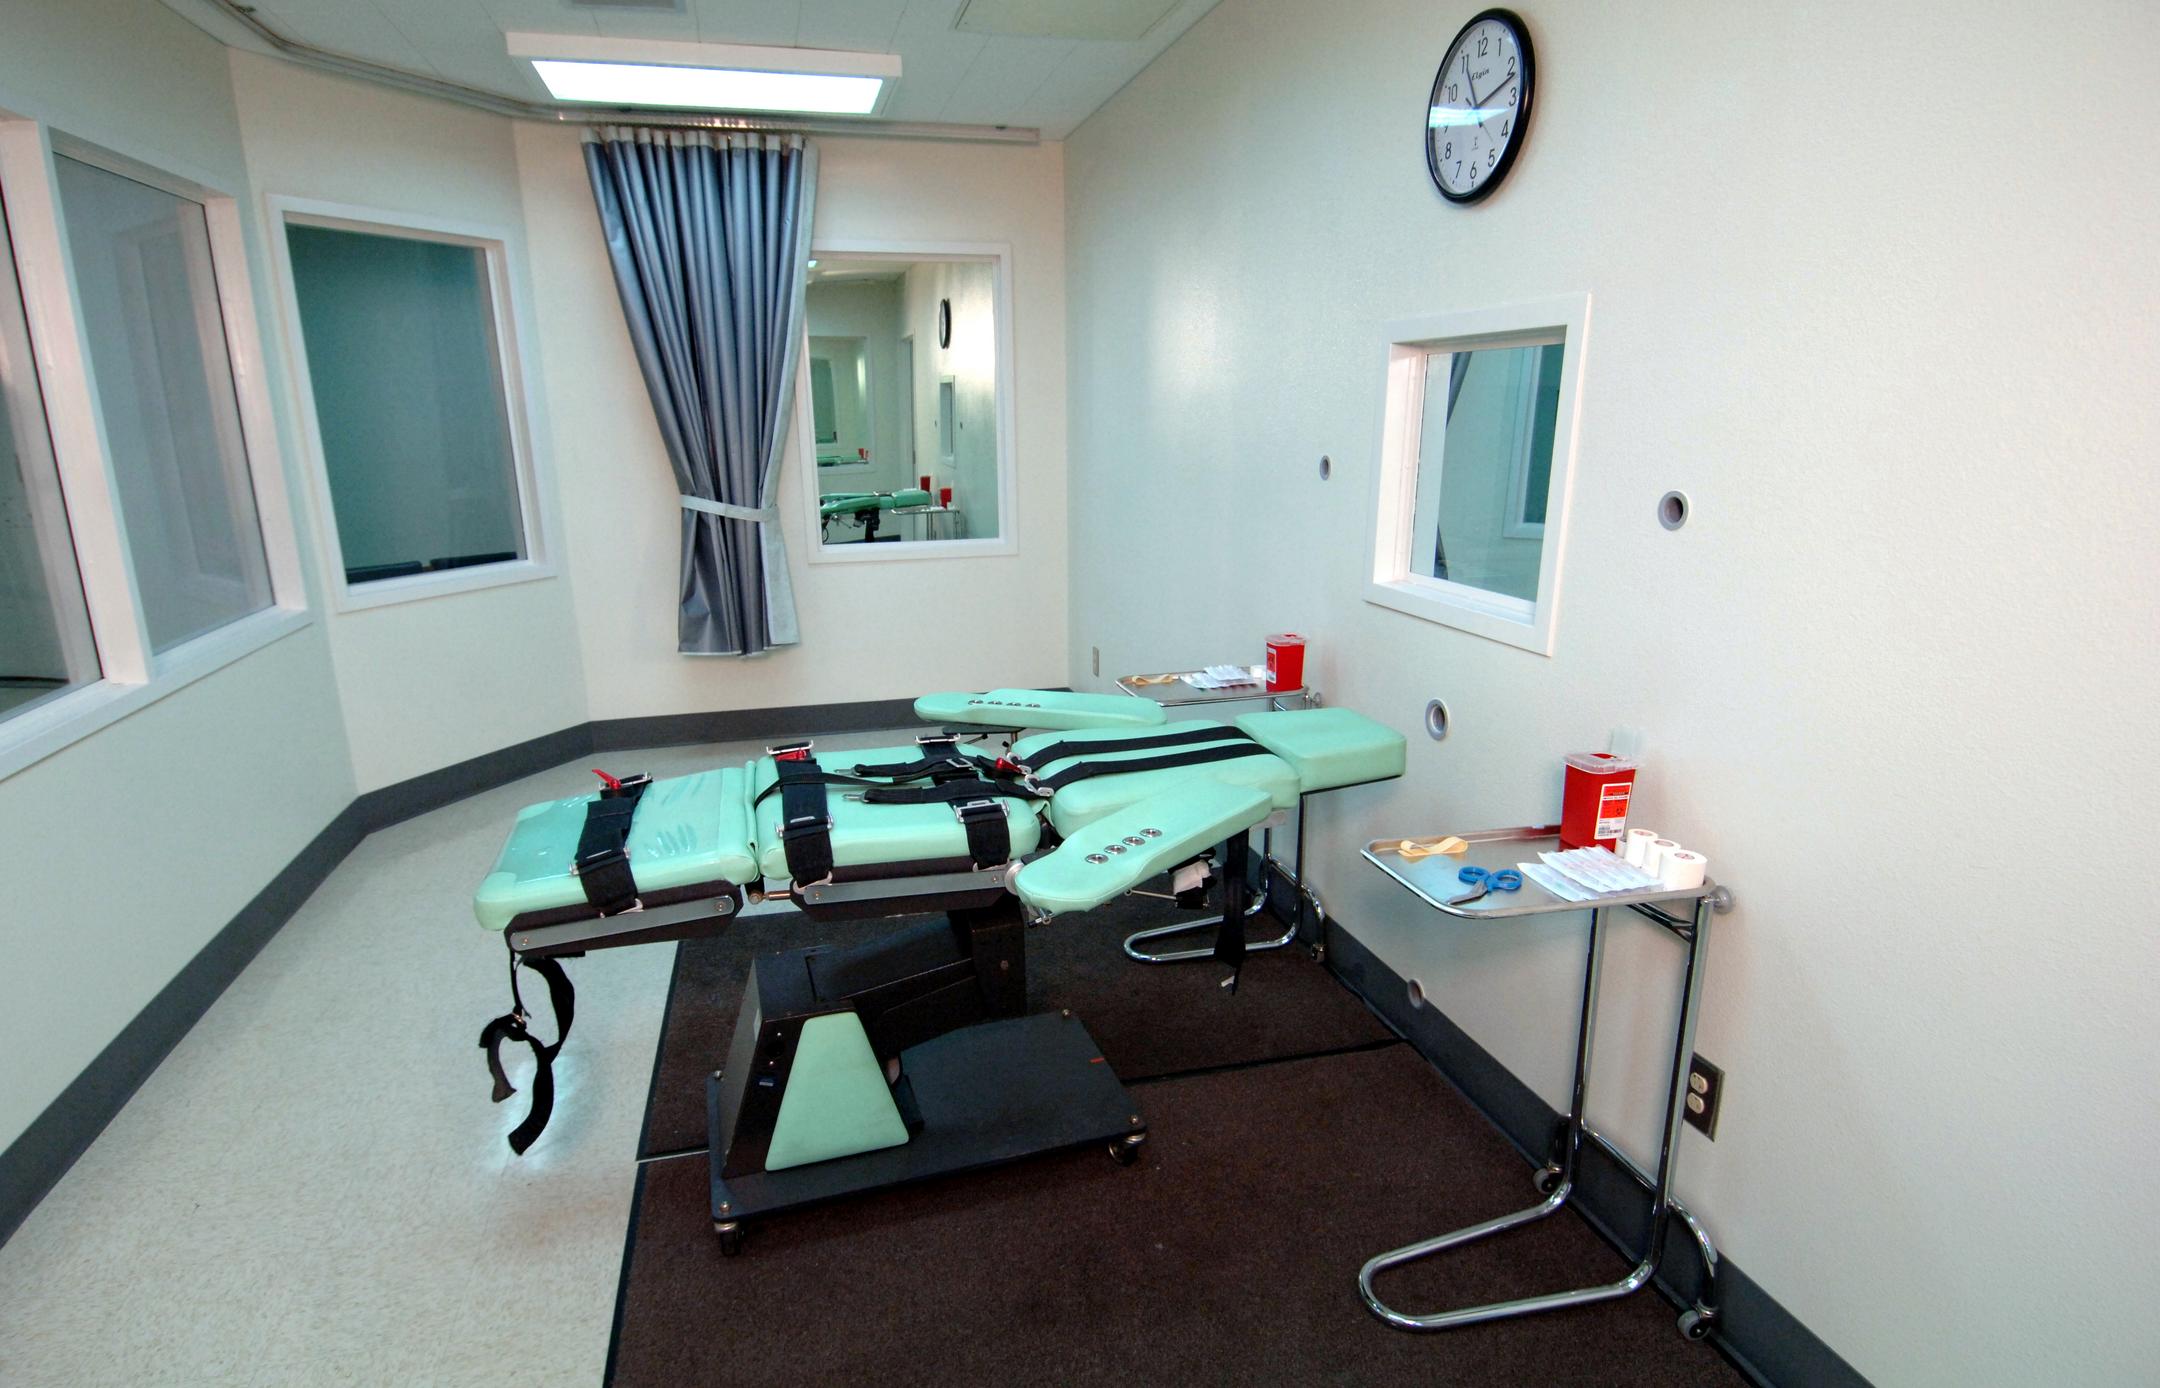 Death Penalty in Texas: Hernandez-Llanas' Execution Set Today